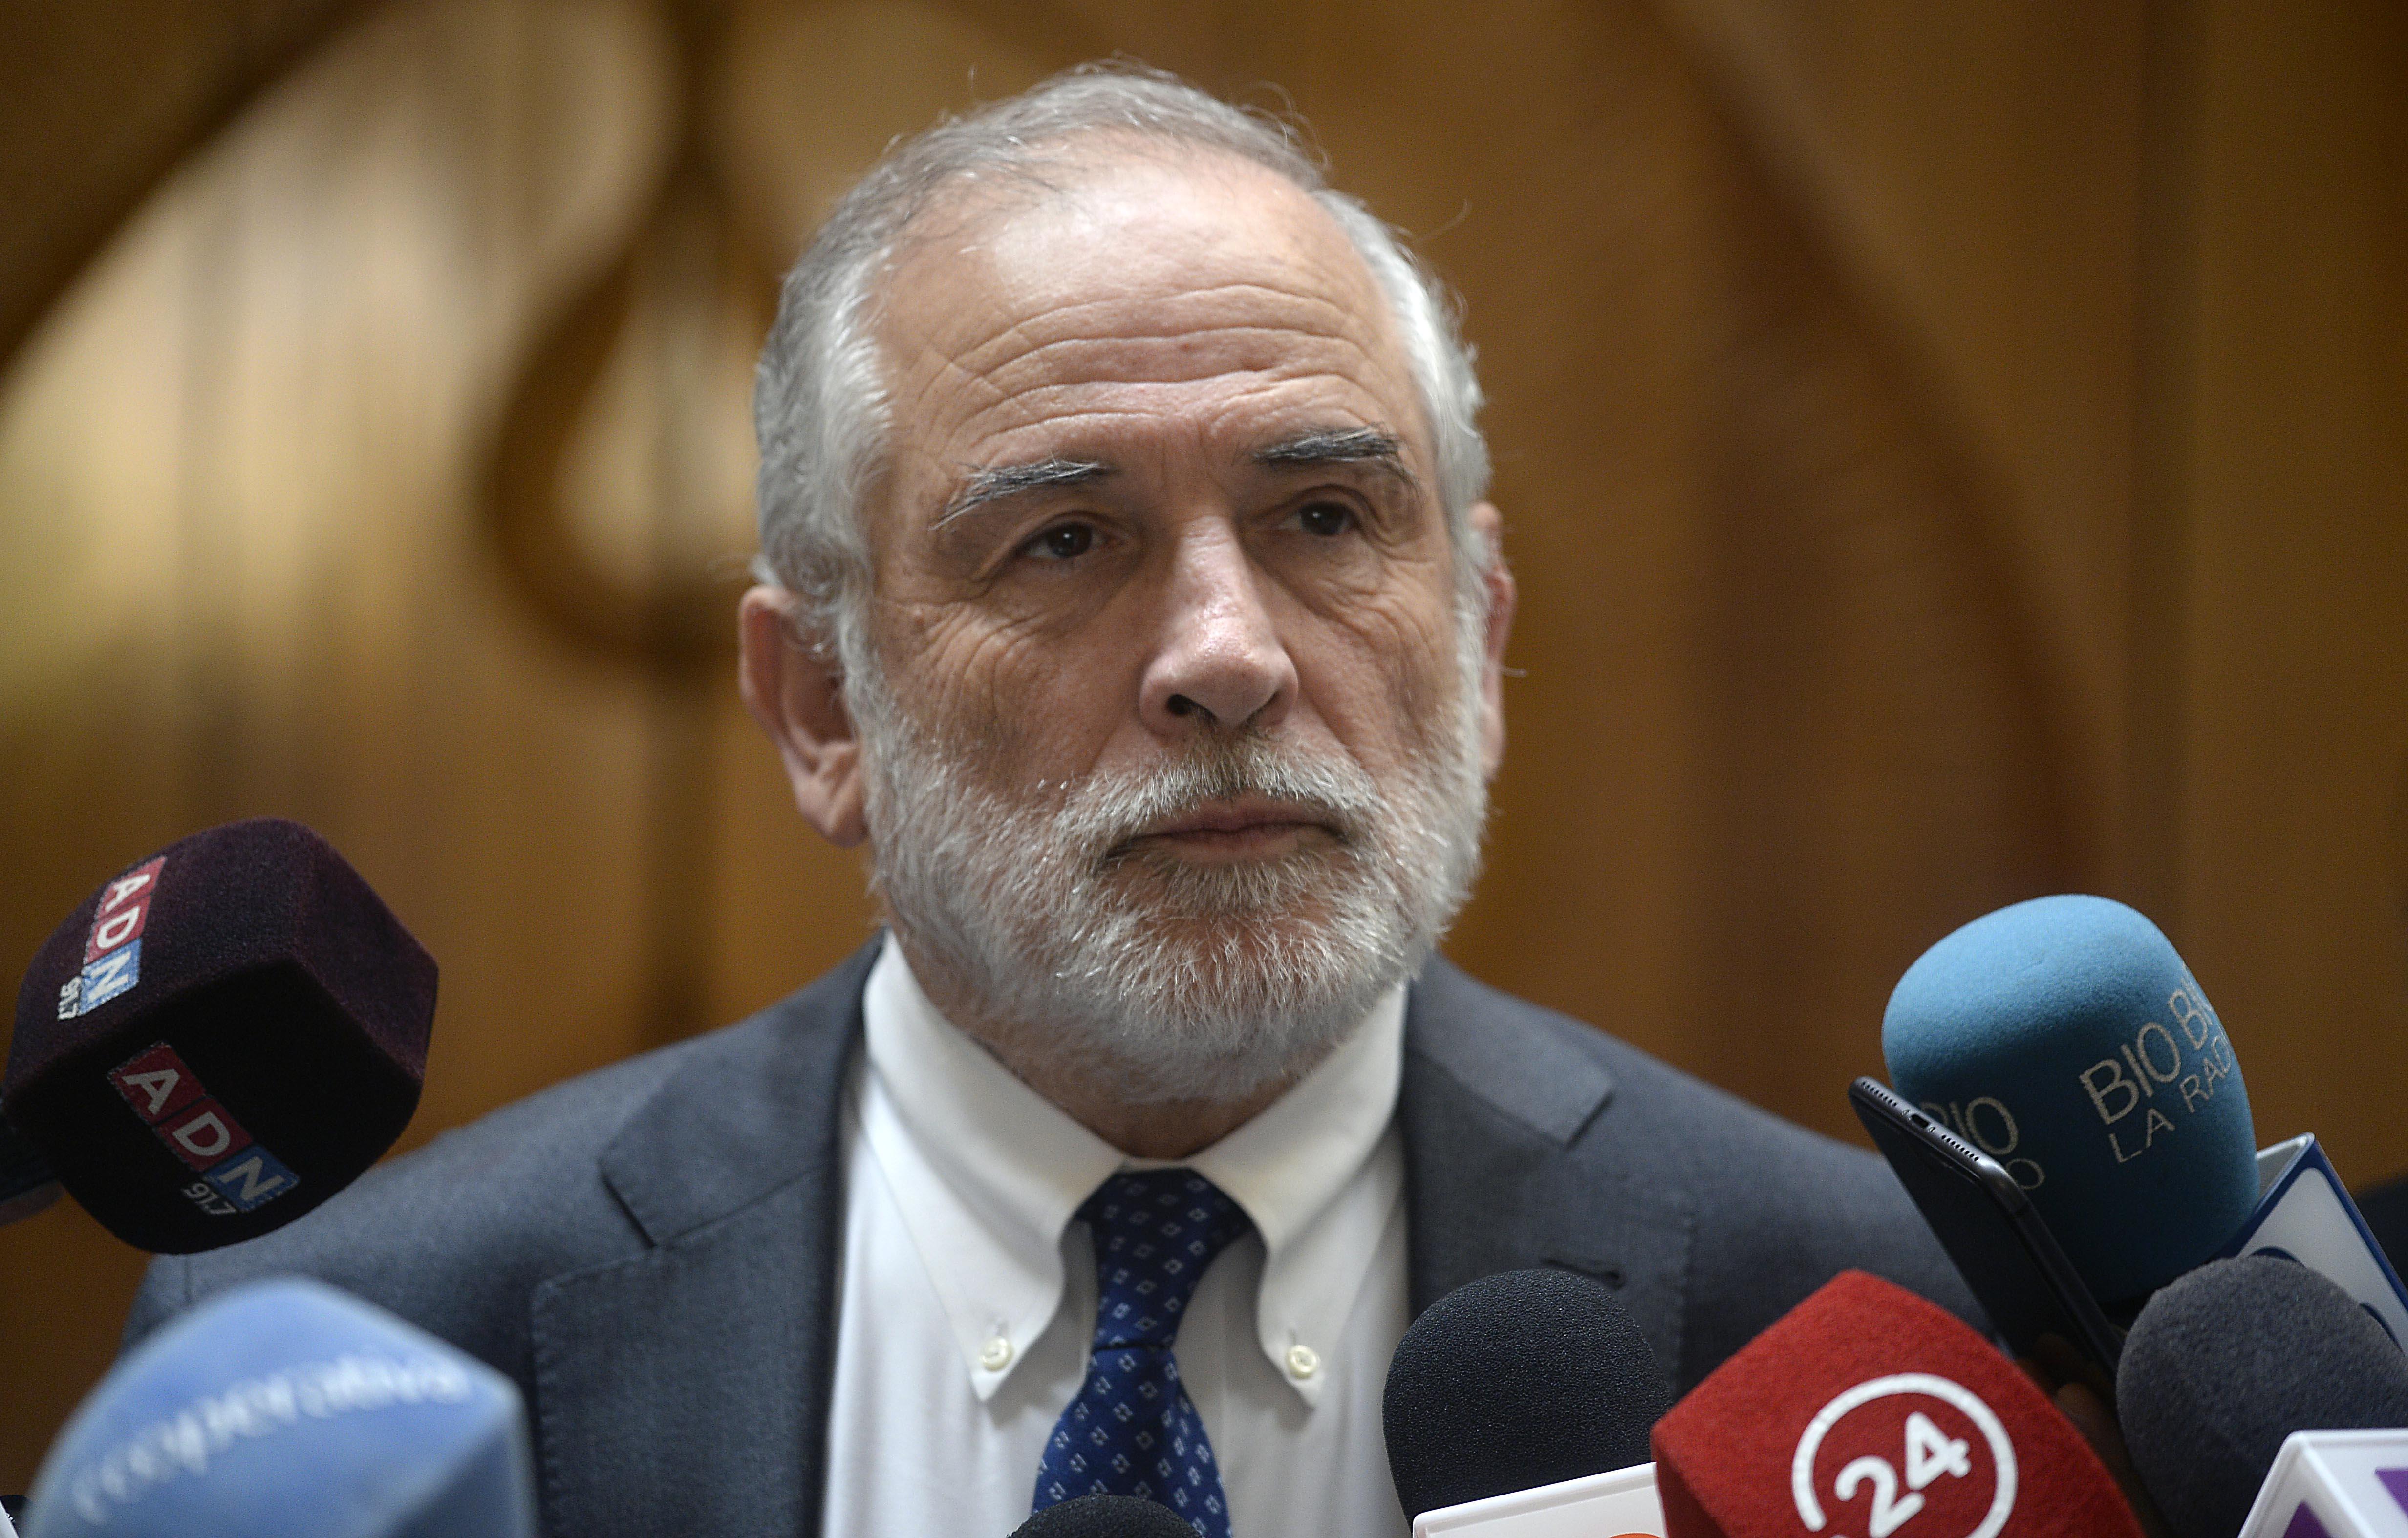 El presidente del Senado, Carlos Montes, analizó la Cuenta Pública del presidente Sebastián Piñera